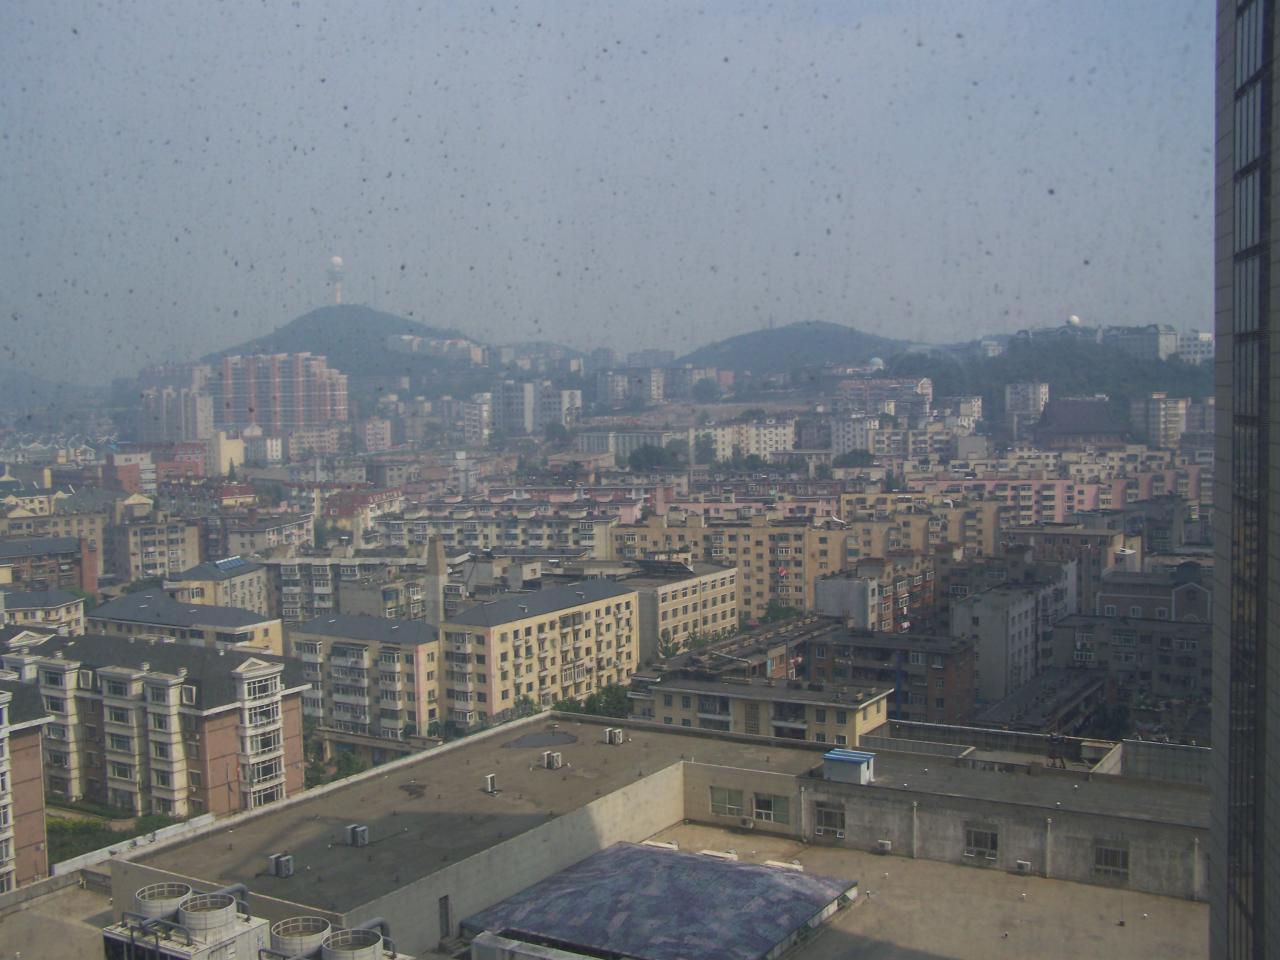 Dalian pien d'poulution